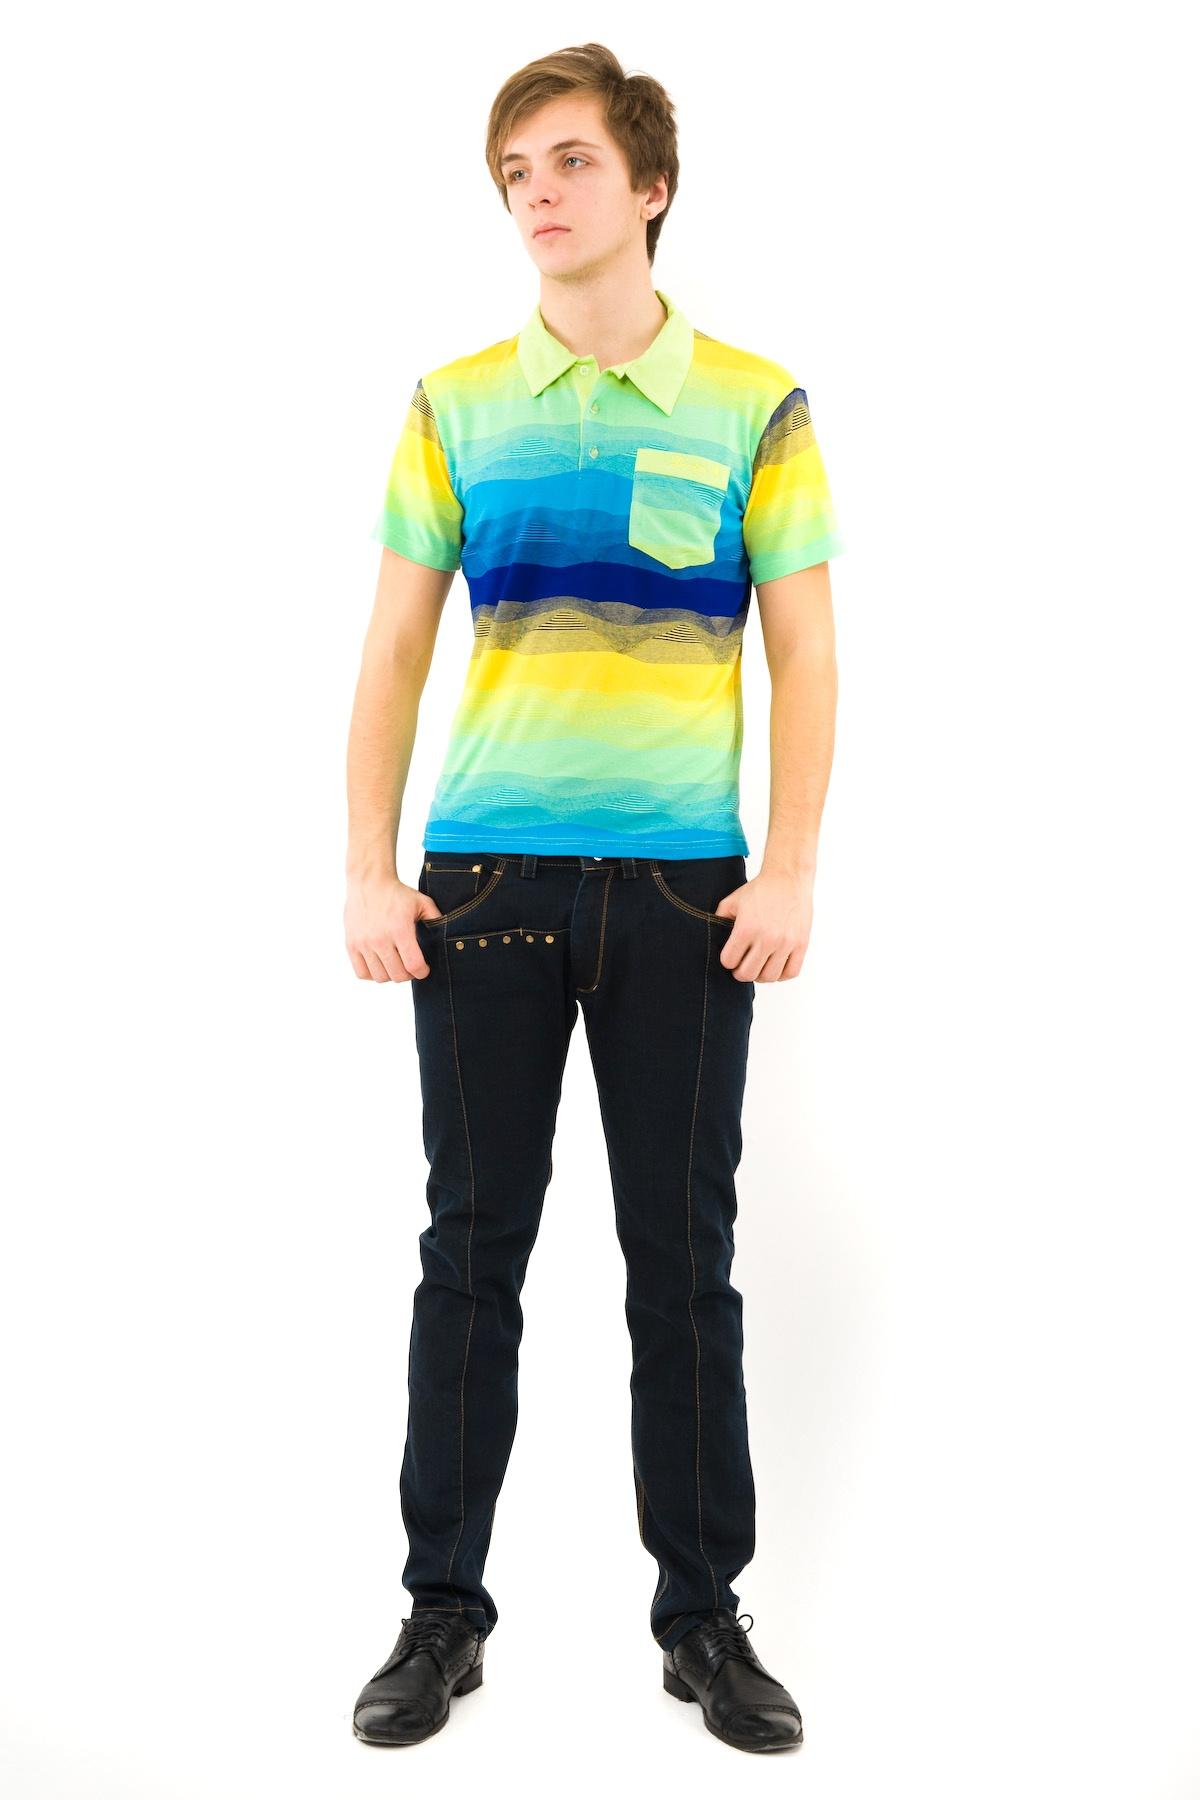 ПолоМужские футболки, джемпера<br>Эффектная футболка с воротником-поло и короткими руквами. Футболка-поло отличается тем, что ее покрой подходит и для молодежи и для людей старшего возраста, это традиционная модель. Выполнена из пестровязанного французского трикотажа.<br><br>Цвет: синий,желтый,зеленый<br>Состав: 95% вискоза, 5% лайкра<br>Размер: 44,48,58,60<br>Страна дизайна: Россия<br>Страна производства: Россия